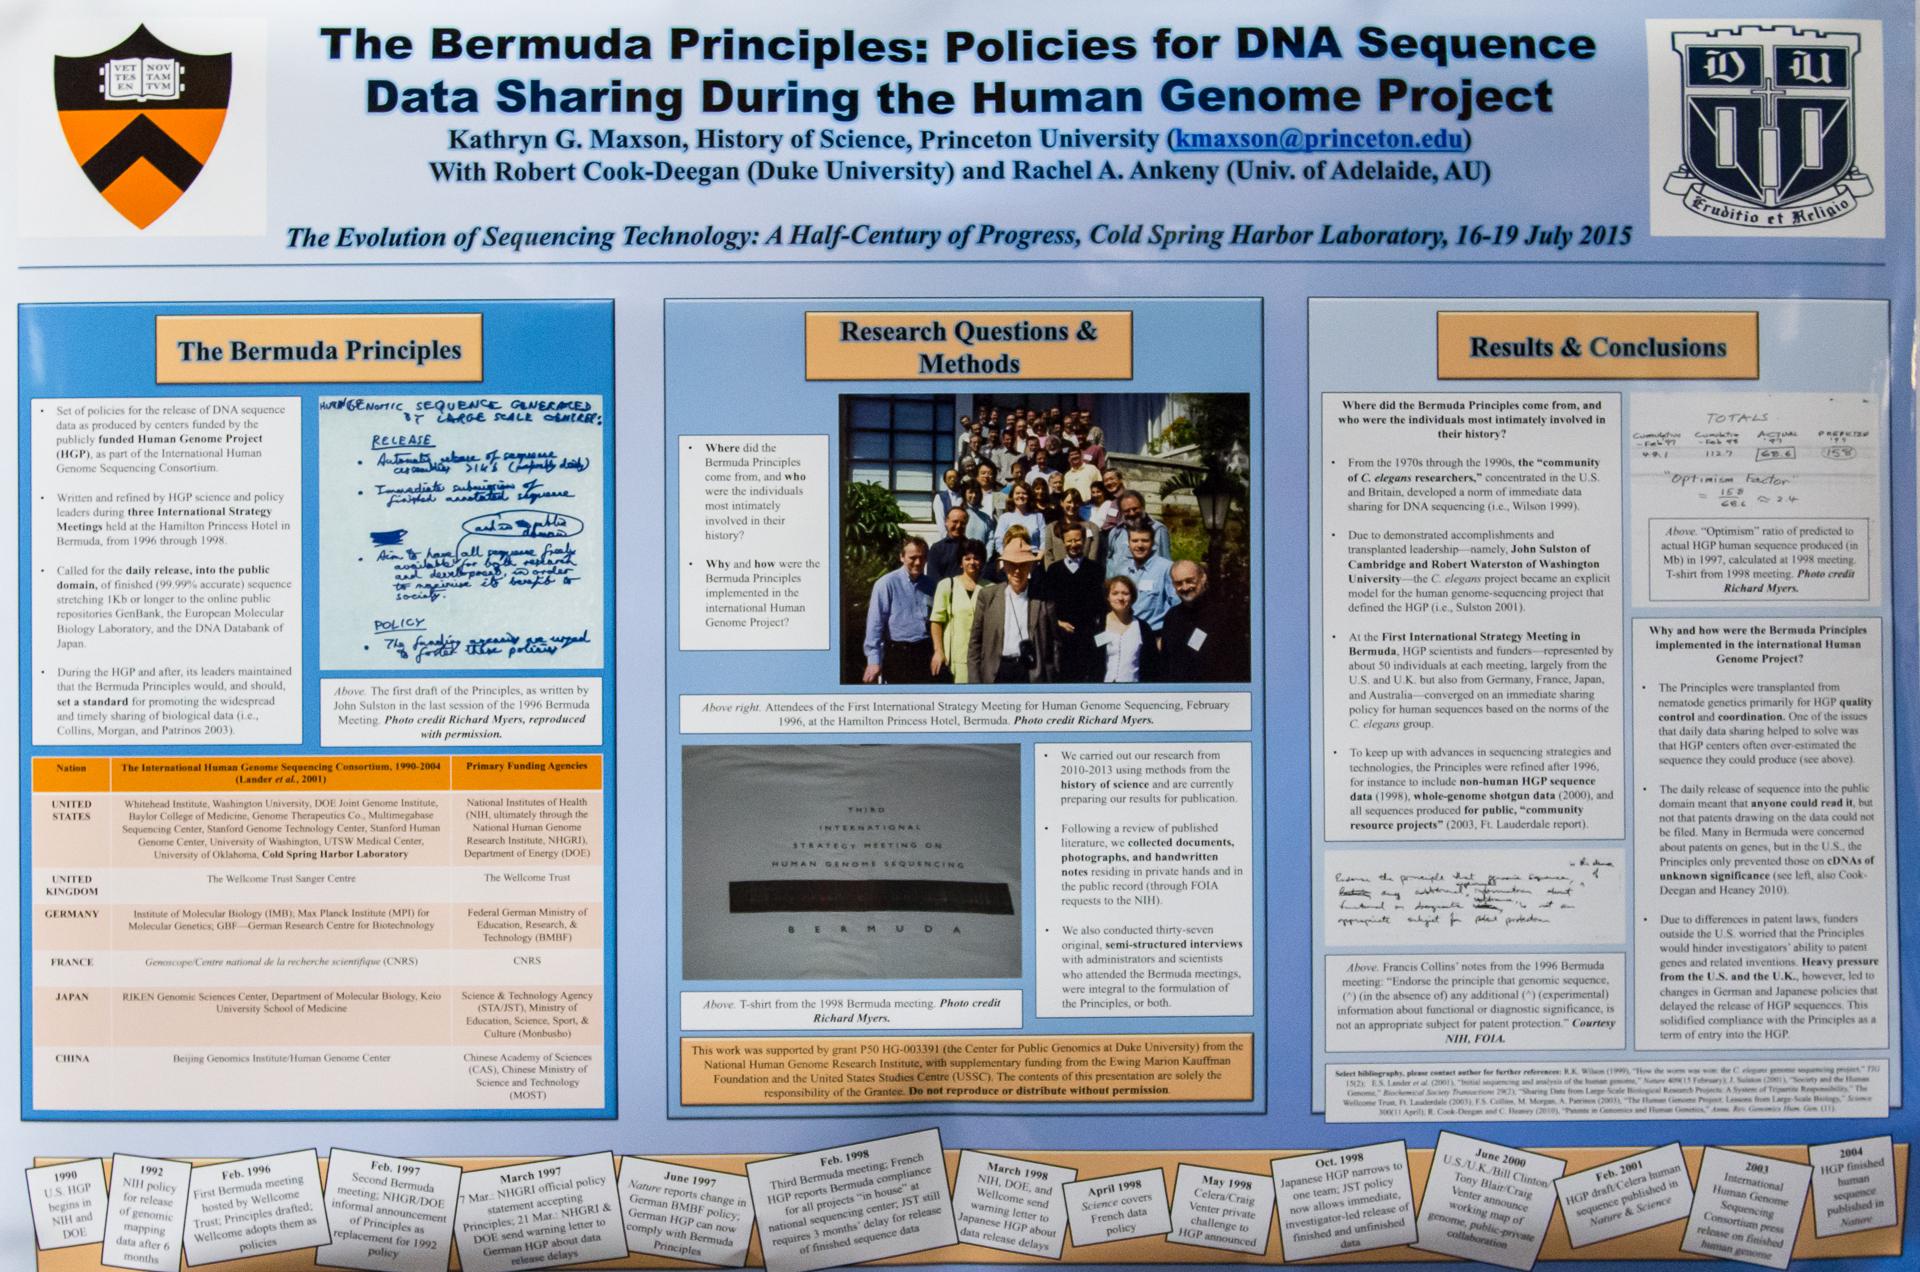 The Bermuda Principles